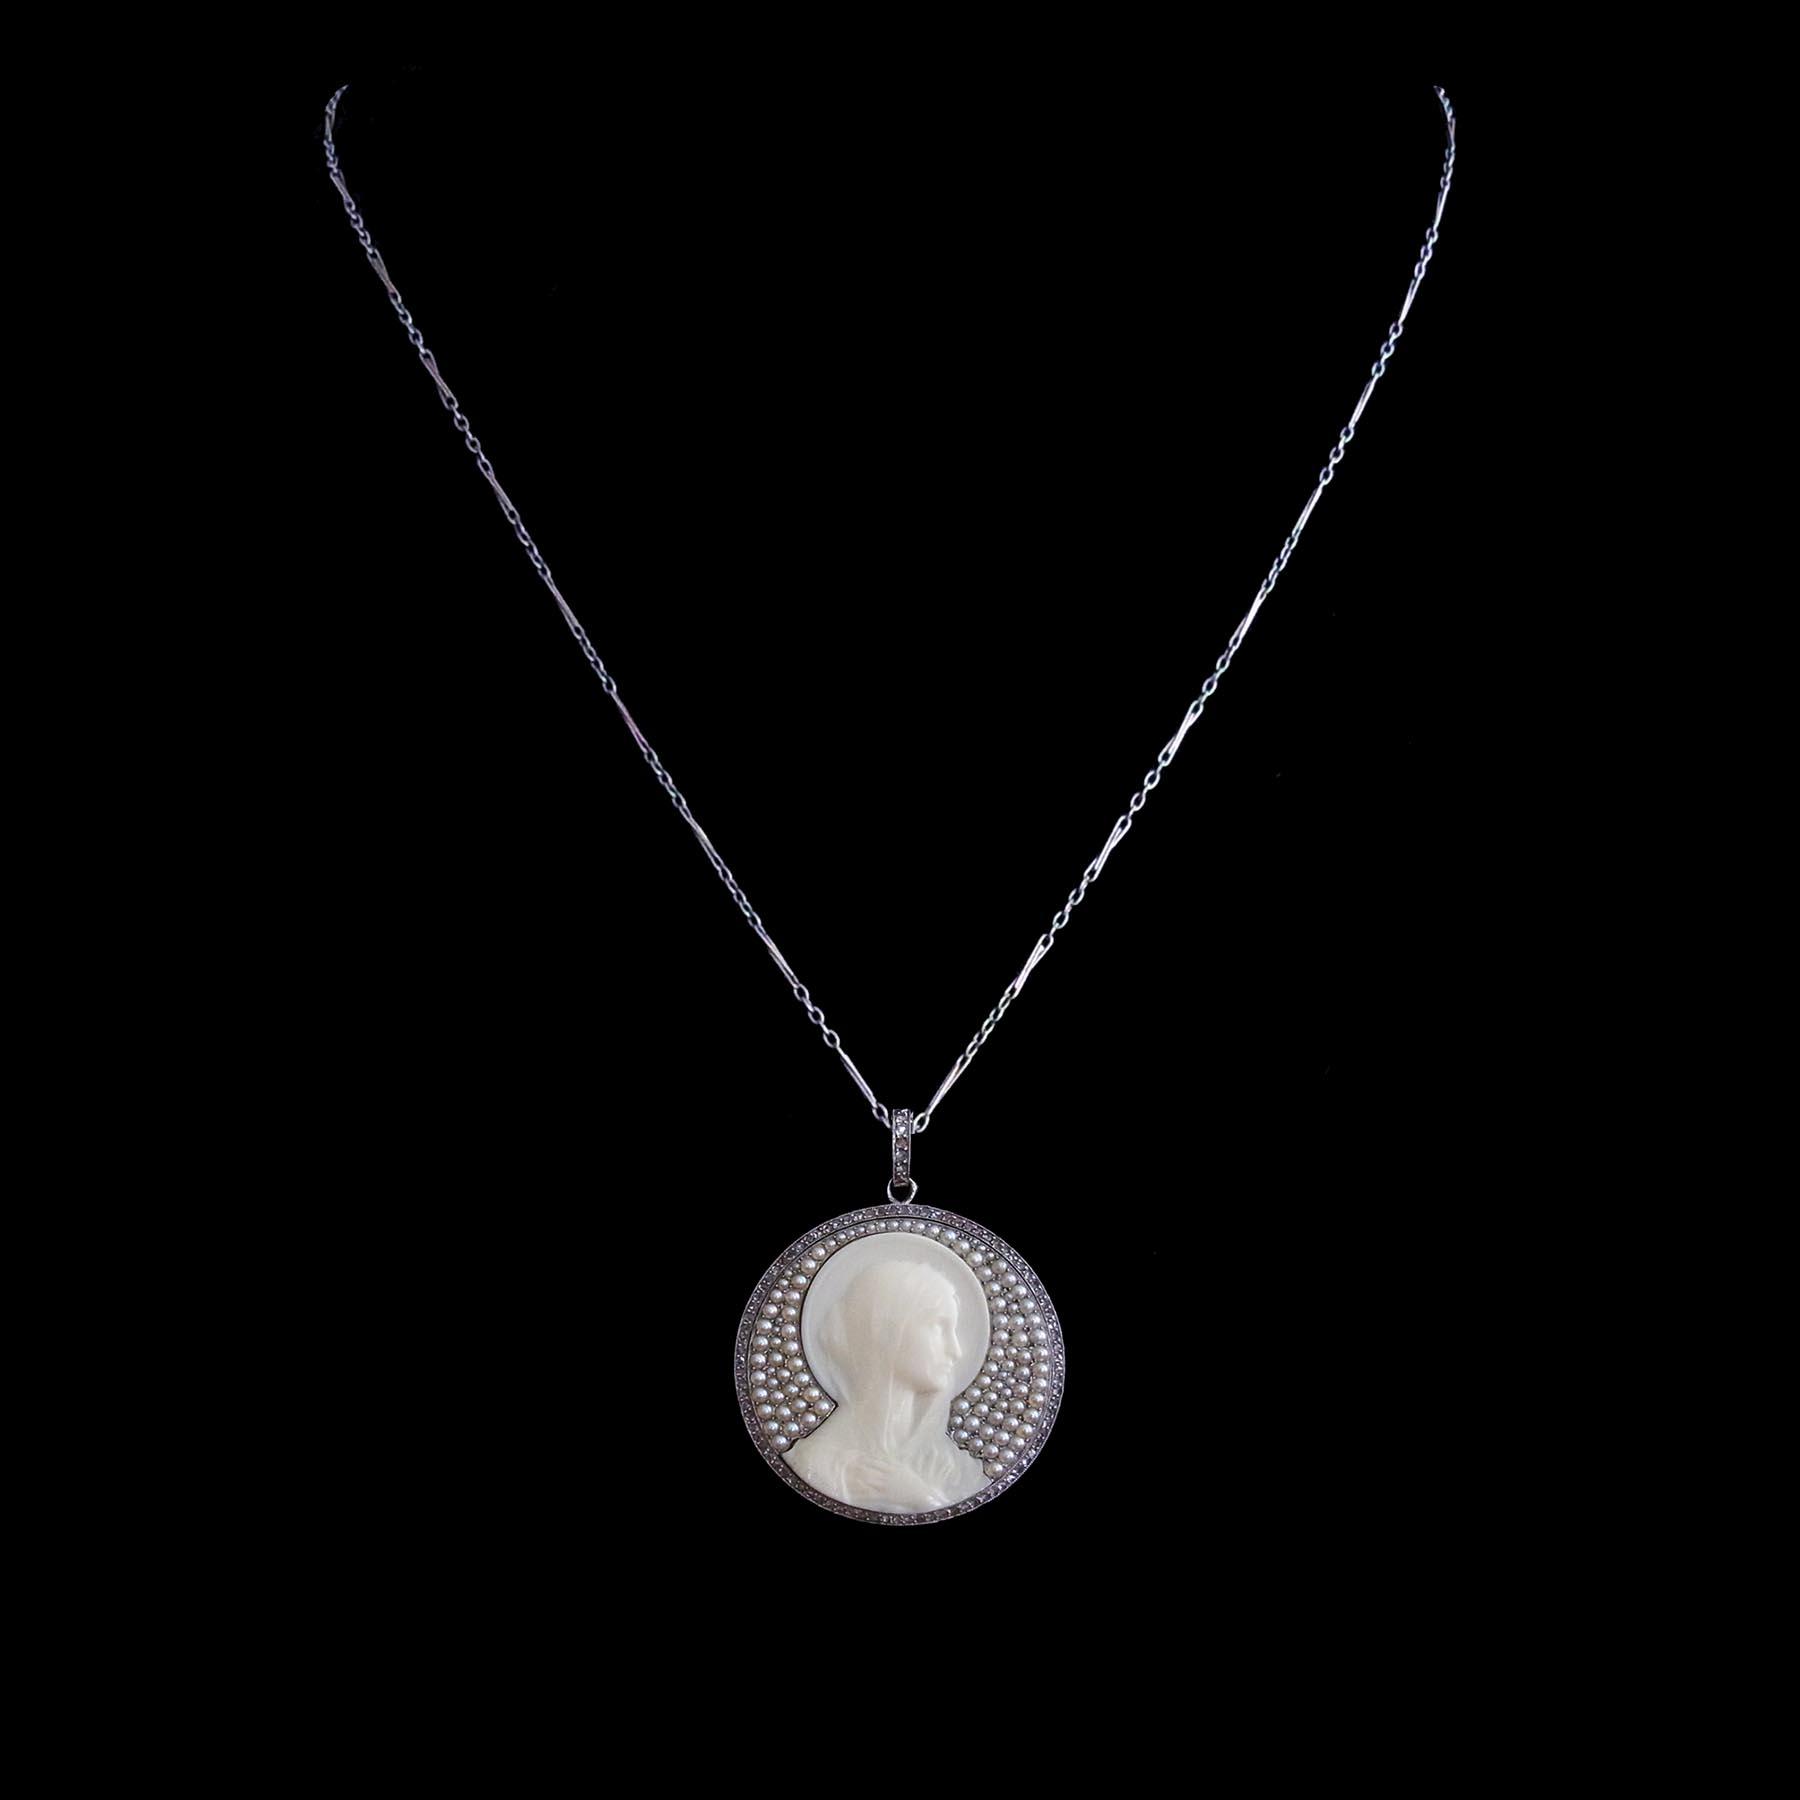 マリア像 ダイヤモンドと天然真珠のアンティークジュエリー